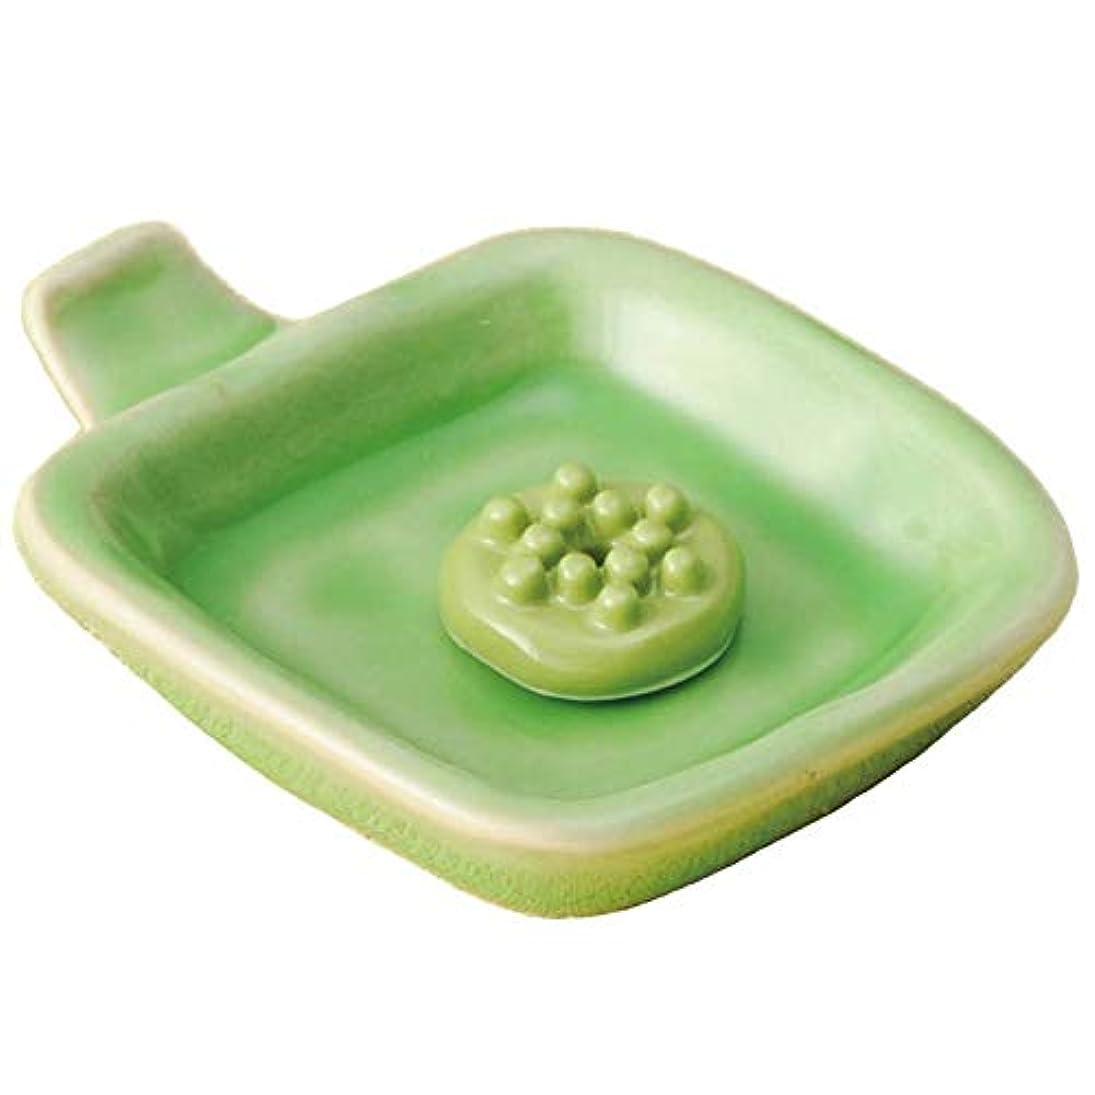 香皿 香立て/手付 角香皿 緑(香玉付) /香り アロマ 癒やし リラックス インテリア プレゼント 贈り物